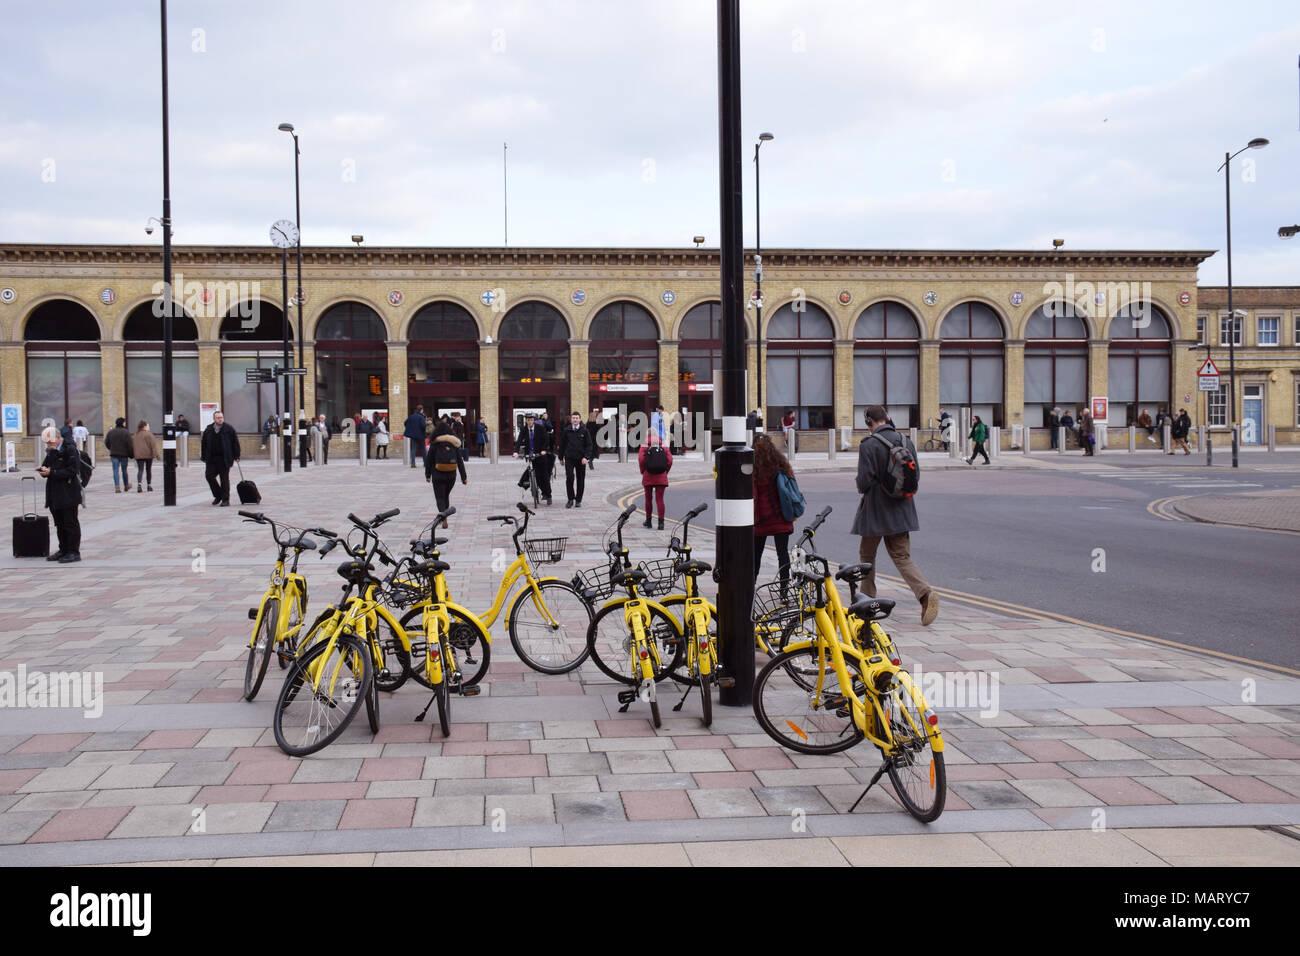 Ofo alquiler de bicicletas, Estación de Cambridge, de marzo de 2018 REINO UNIDO. Ofo es la primera plataforma de intercambio de bicicletas dockless, trabajando a través de una app Imagen De Stock